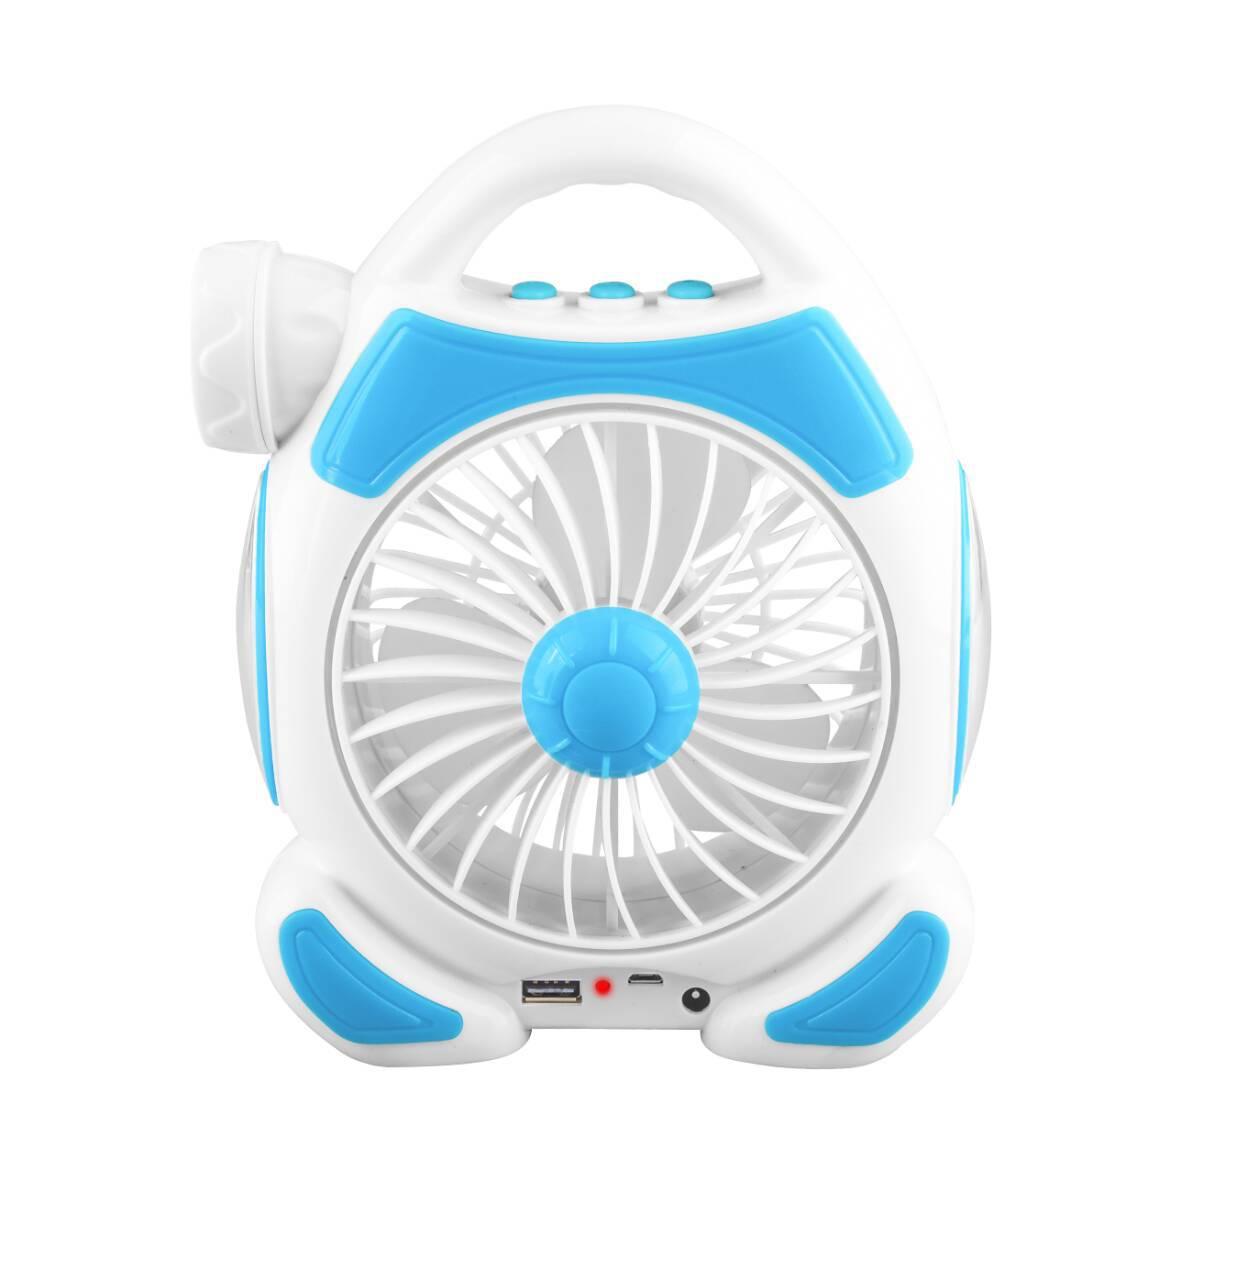 USB风扇迷你可充电学生宿舍寝室床上静音台灯办公室小电风扇